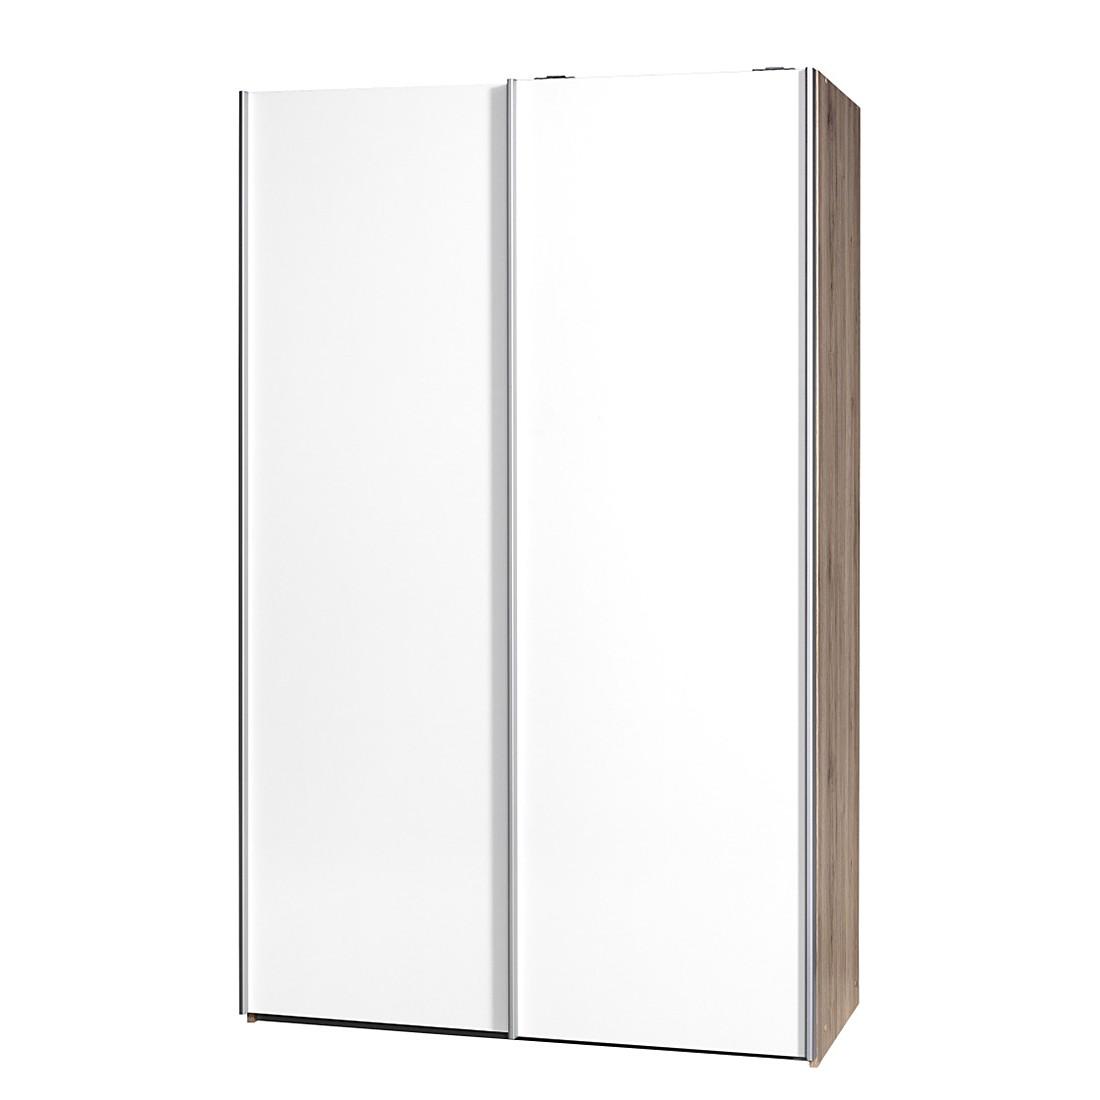 Schwebetürenschrank Soft Smart II – Eiche Sanremo Dekor/Weiß – Breite: 120 cm / Tiefe: 61 cm, CS Schmal bestellen